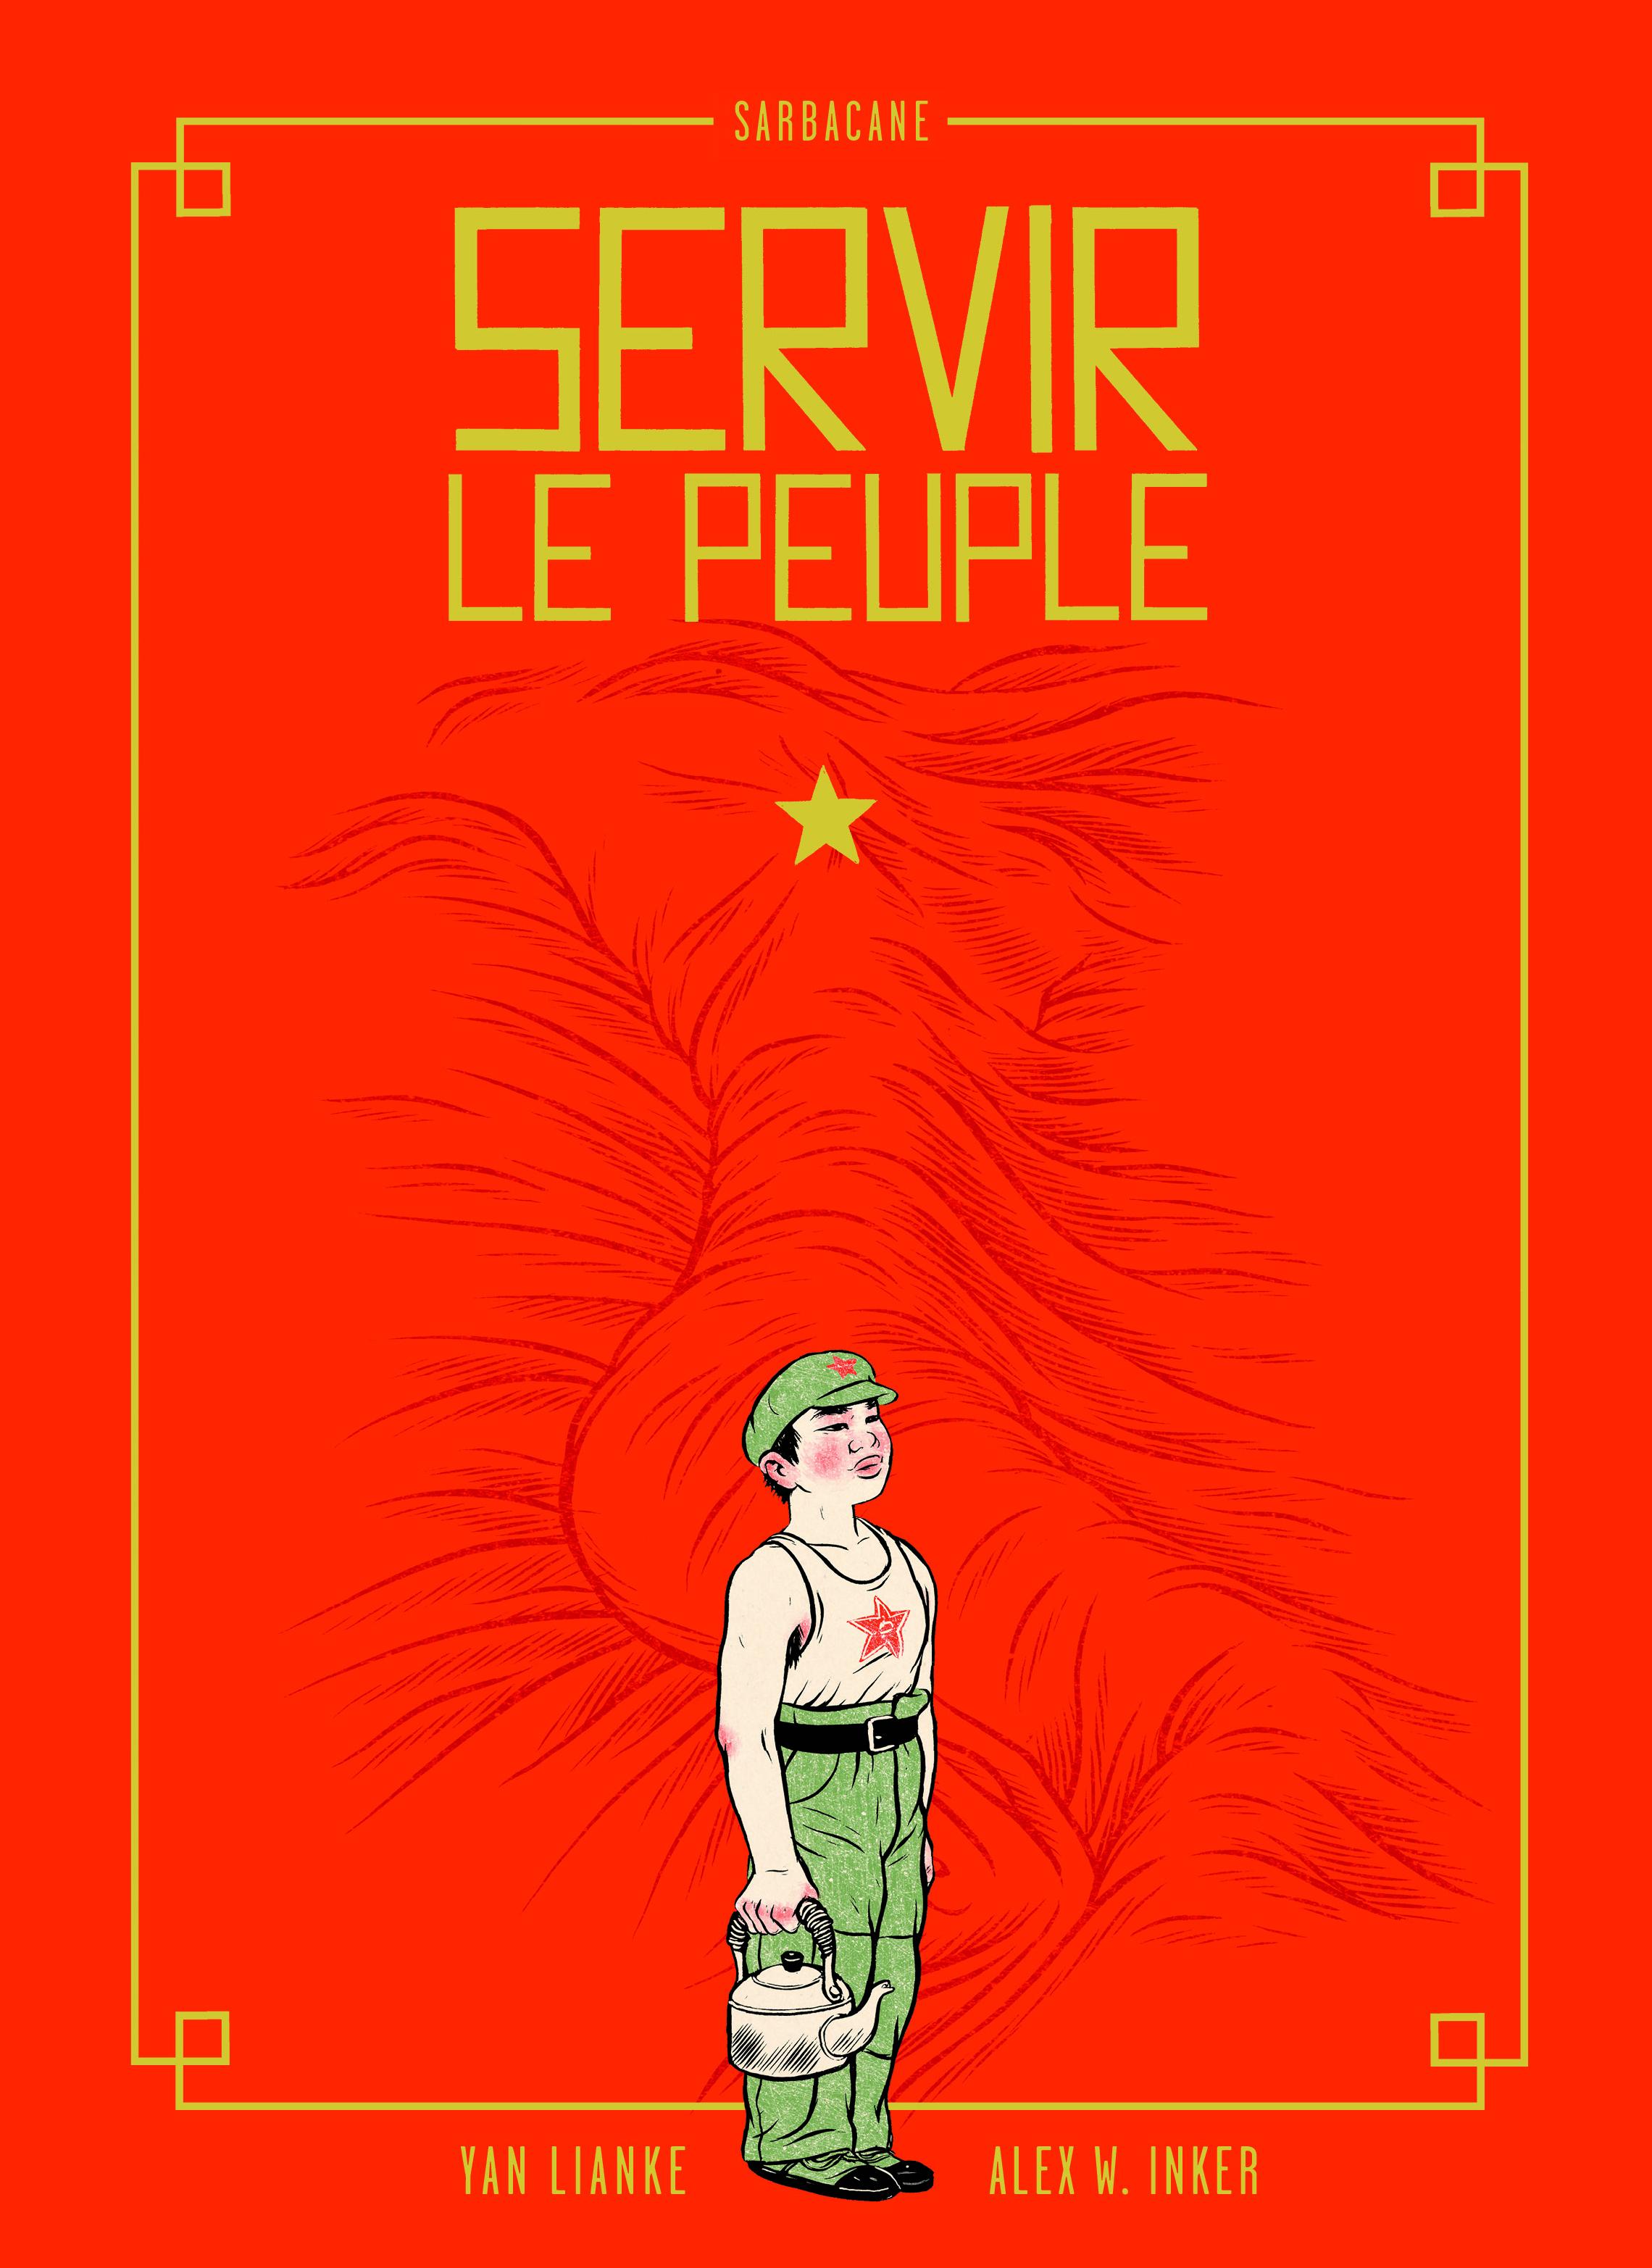 Alex W. Inker pour Servir le peuple chez Comic Art Factory dès le 13 septembre 2109